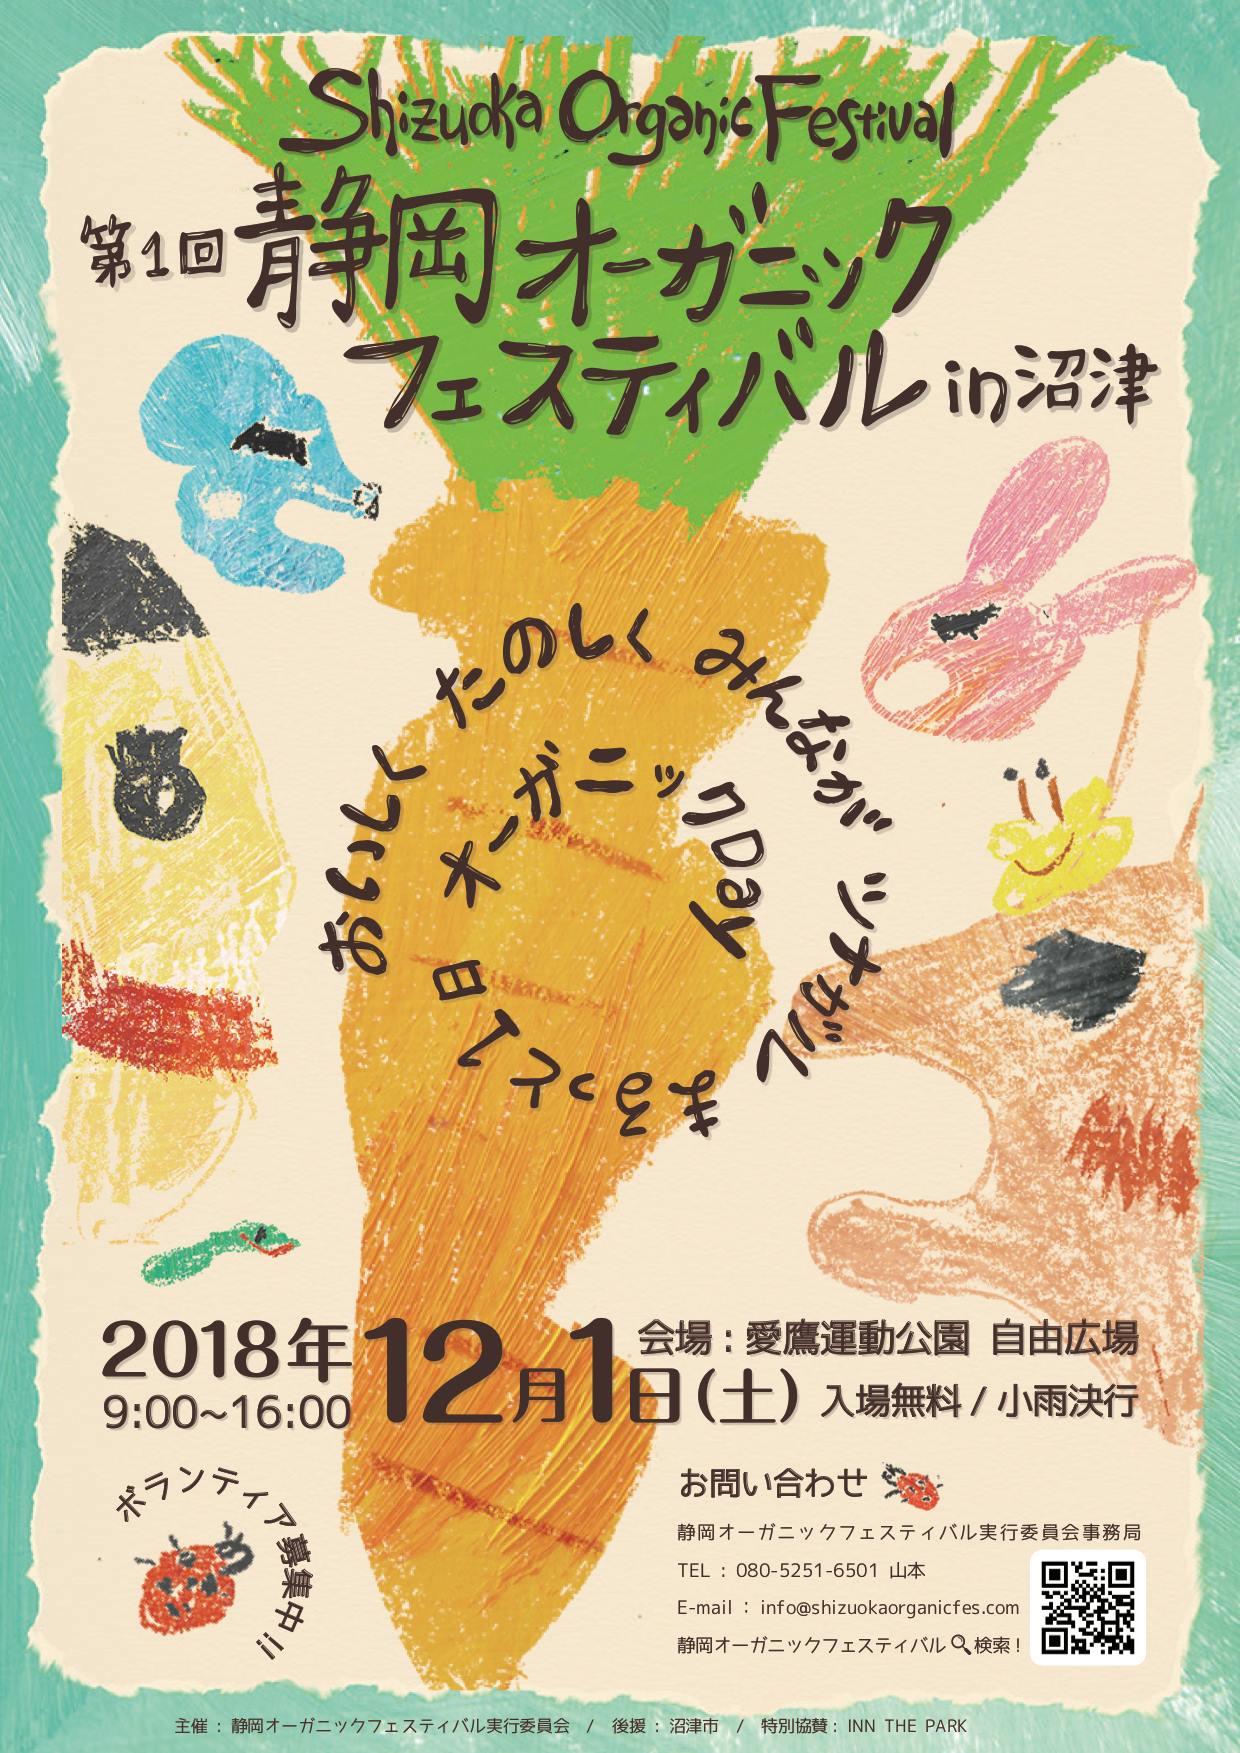 終了!【12月1日】 静岡オーガニックフェスティバル2018